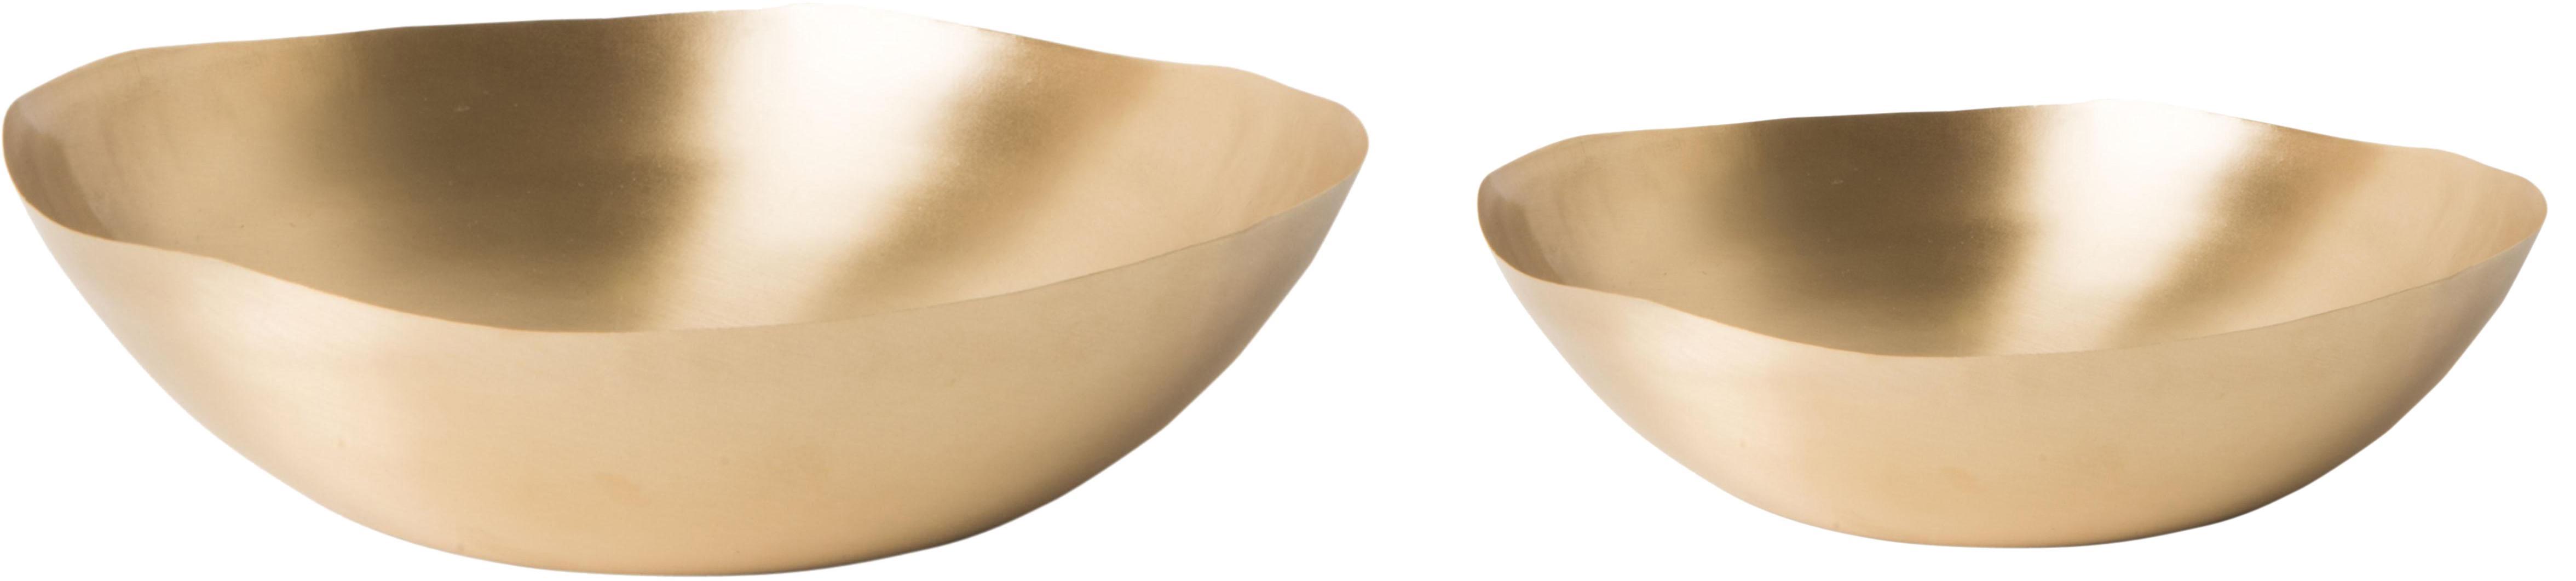 Handgemachtes Schalen Nature, 2er-Set , Messing, weich und flexibel, Messing, Sondergrößen